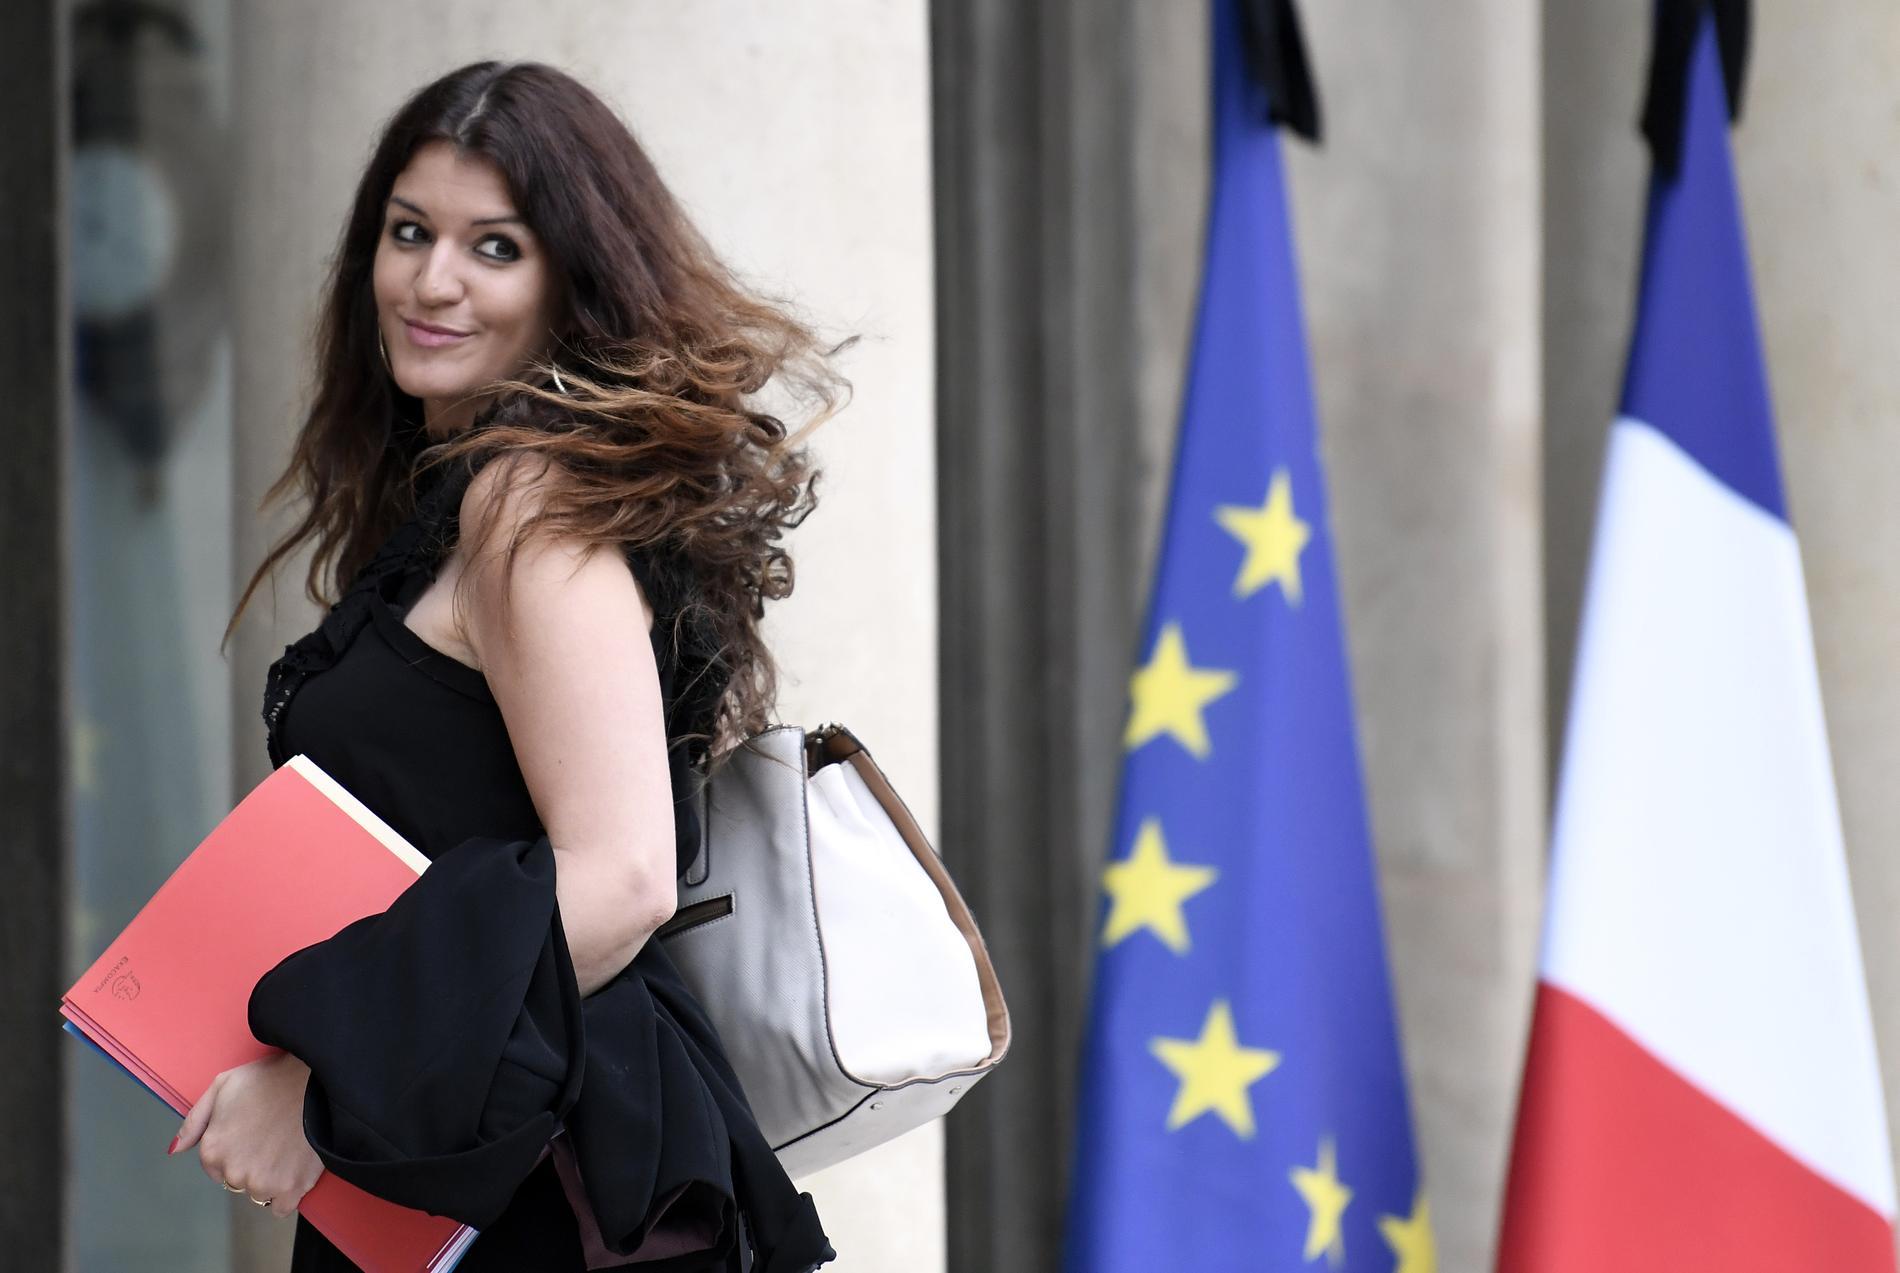 Annonces Travesti Gratuites En Lorraine Page 2